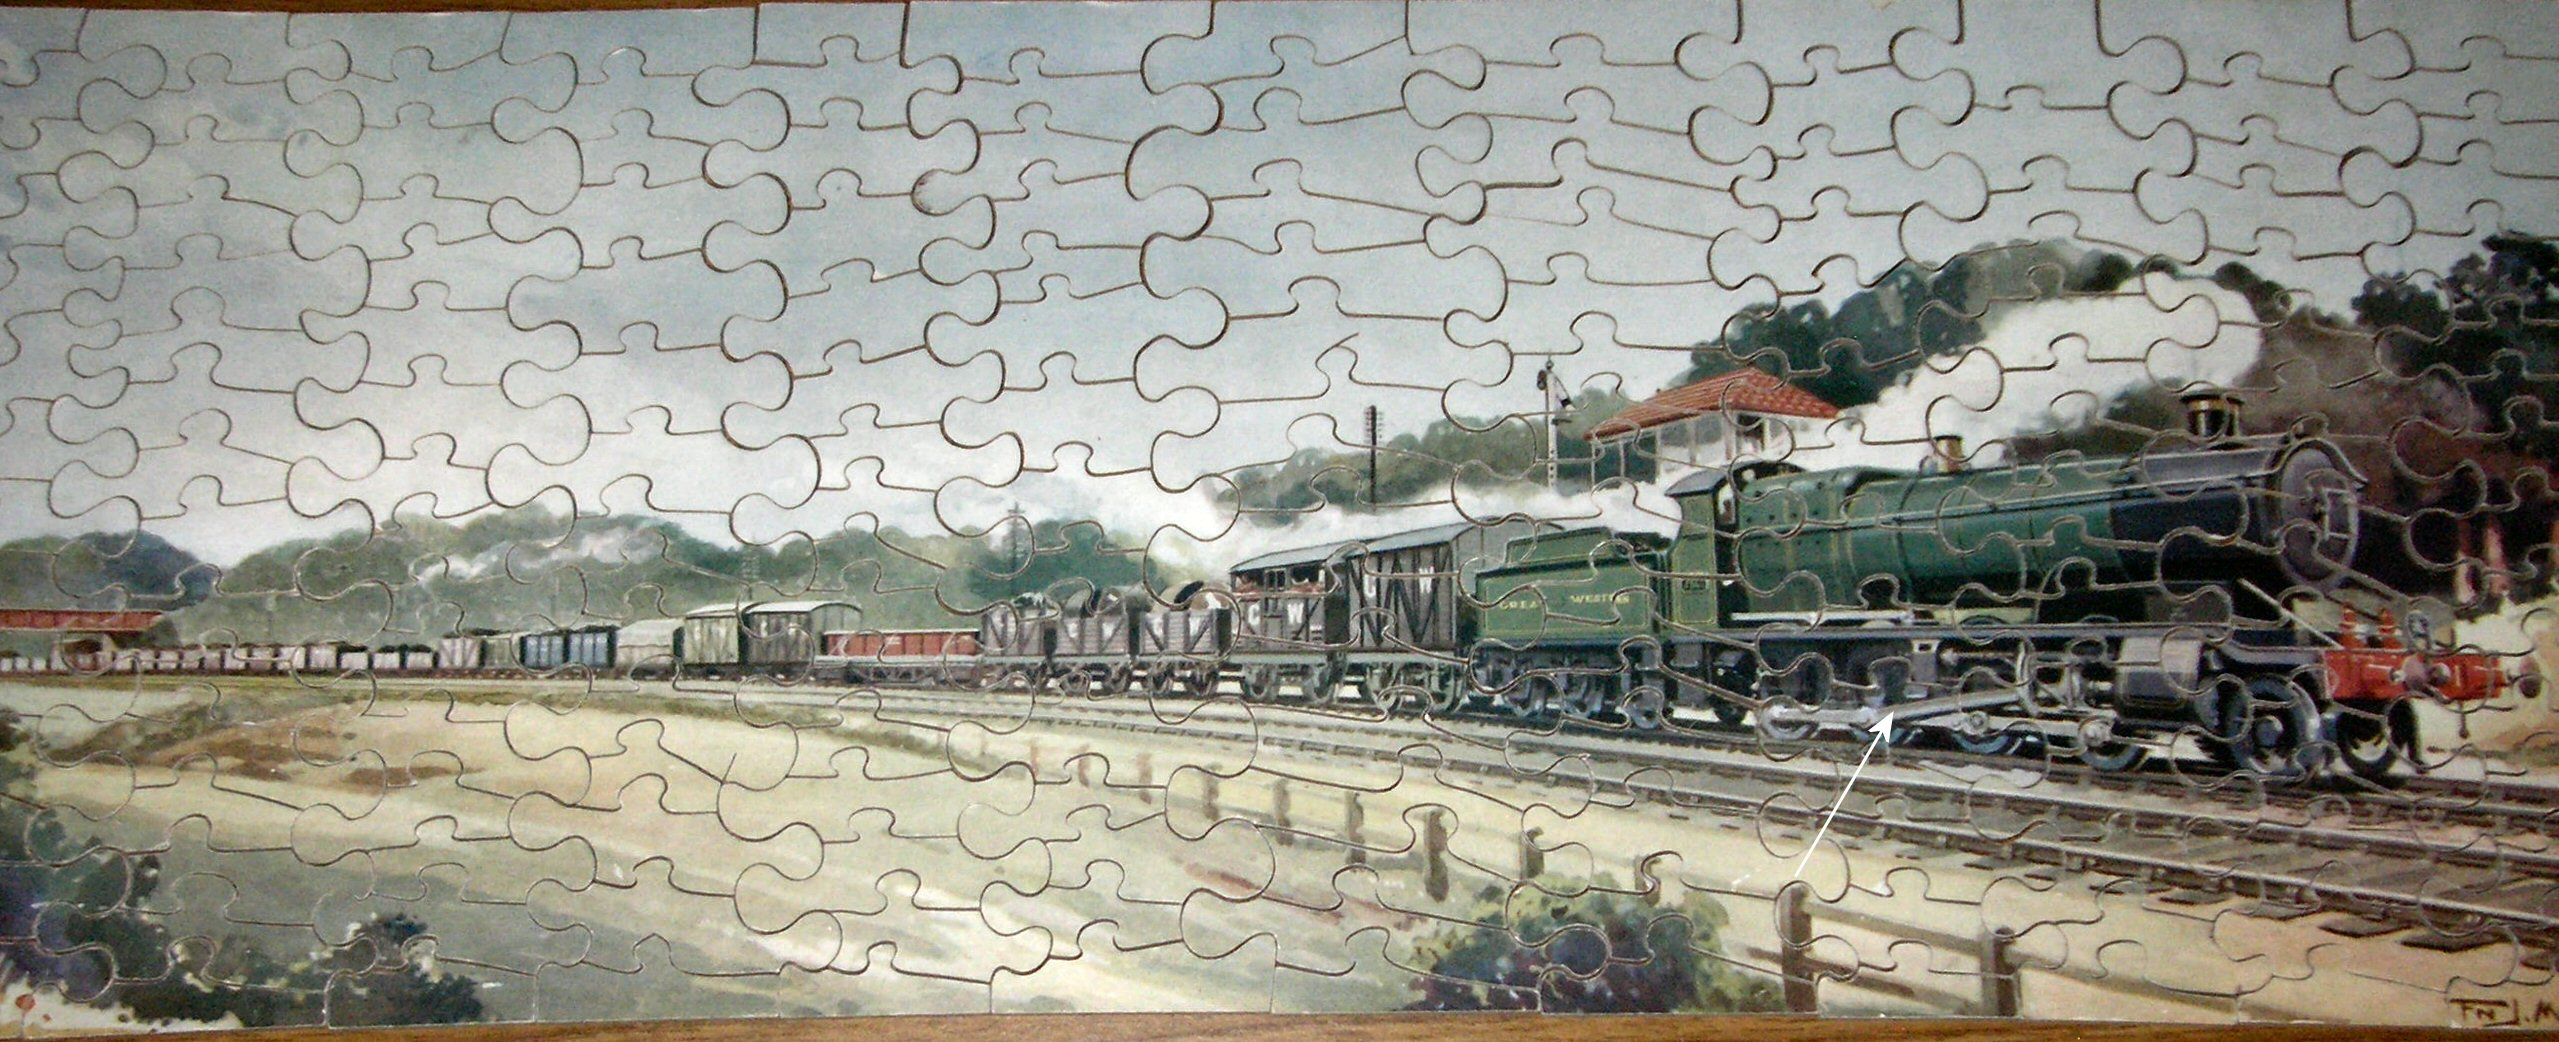 The Jigsaw Puzzle Doctor | Quantum Enterprises News | Page 3